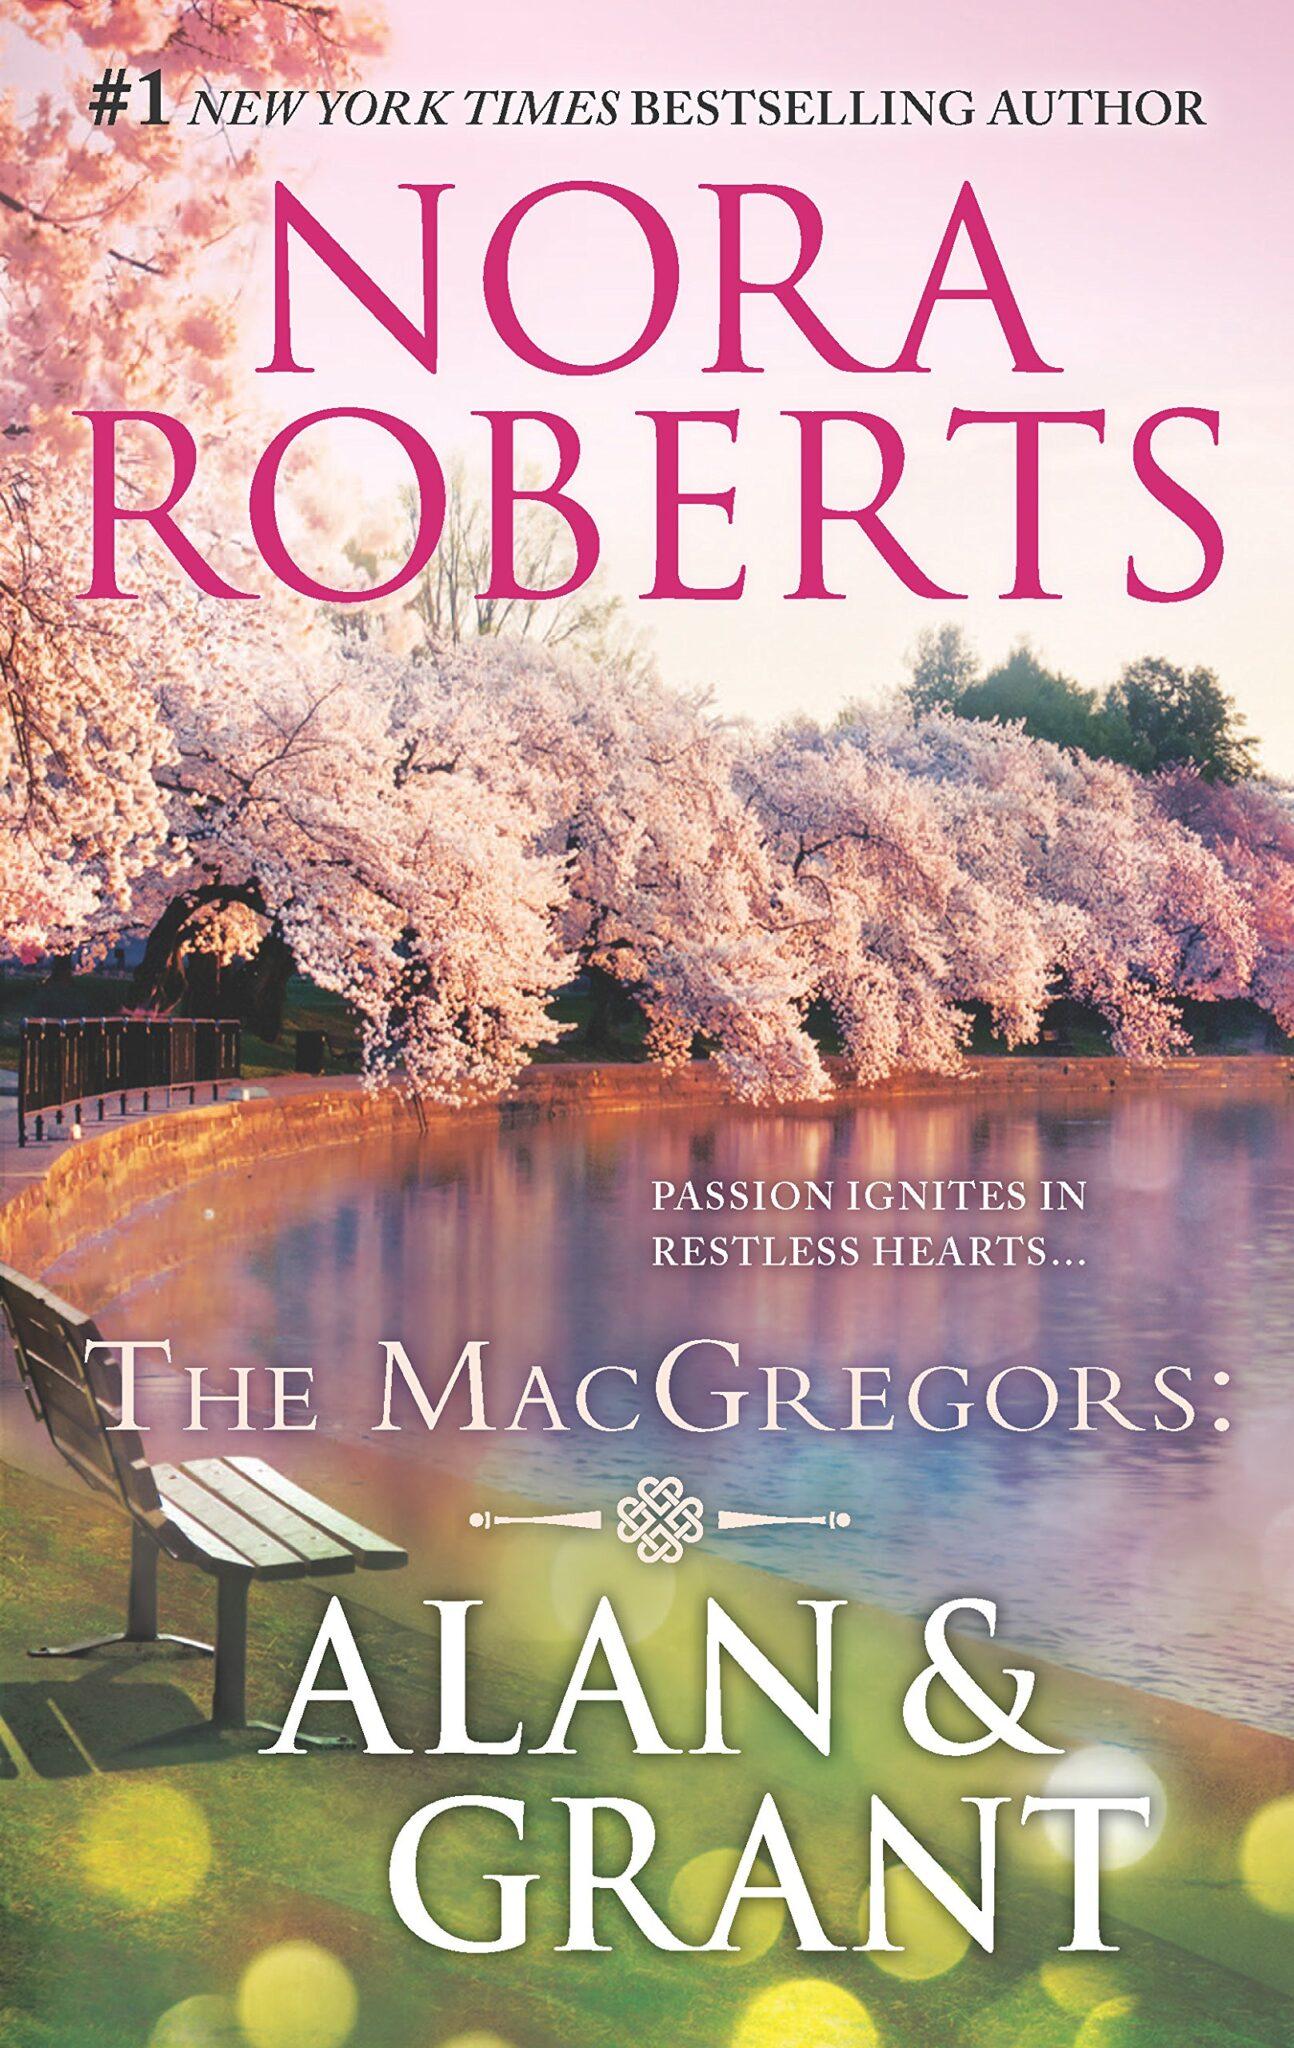 Nora Roberts books 11